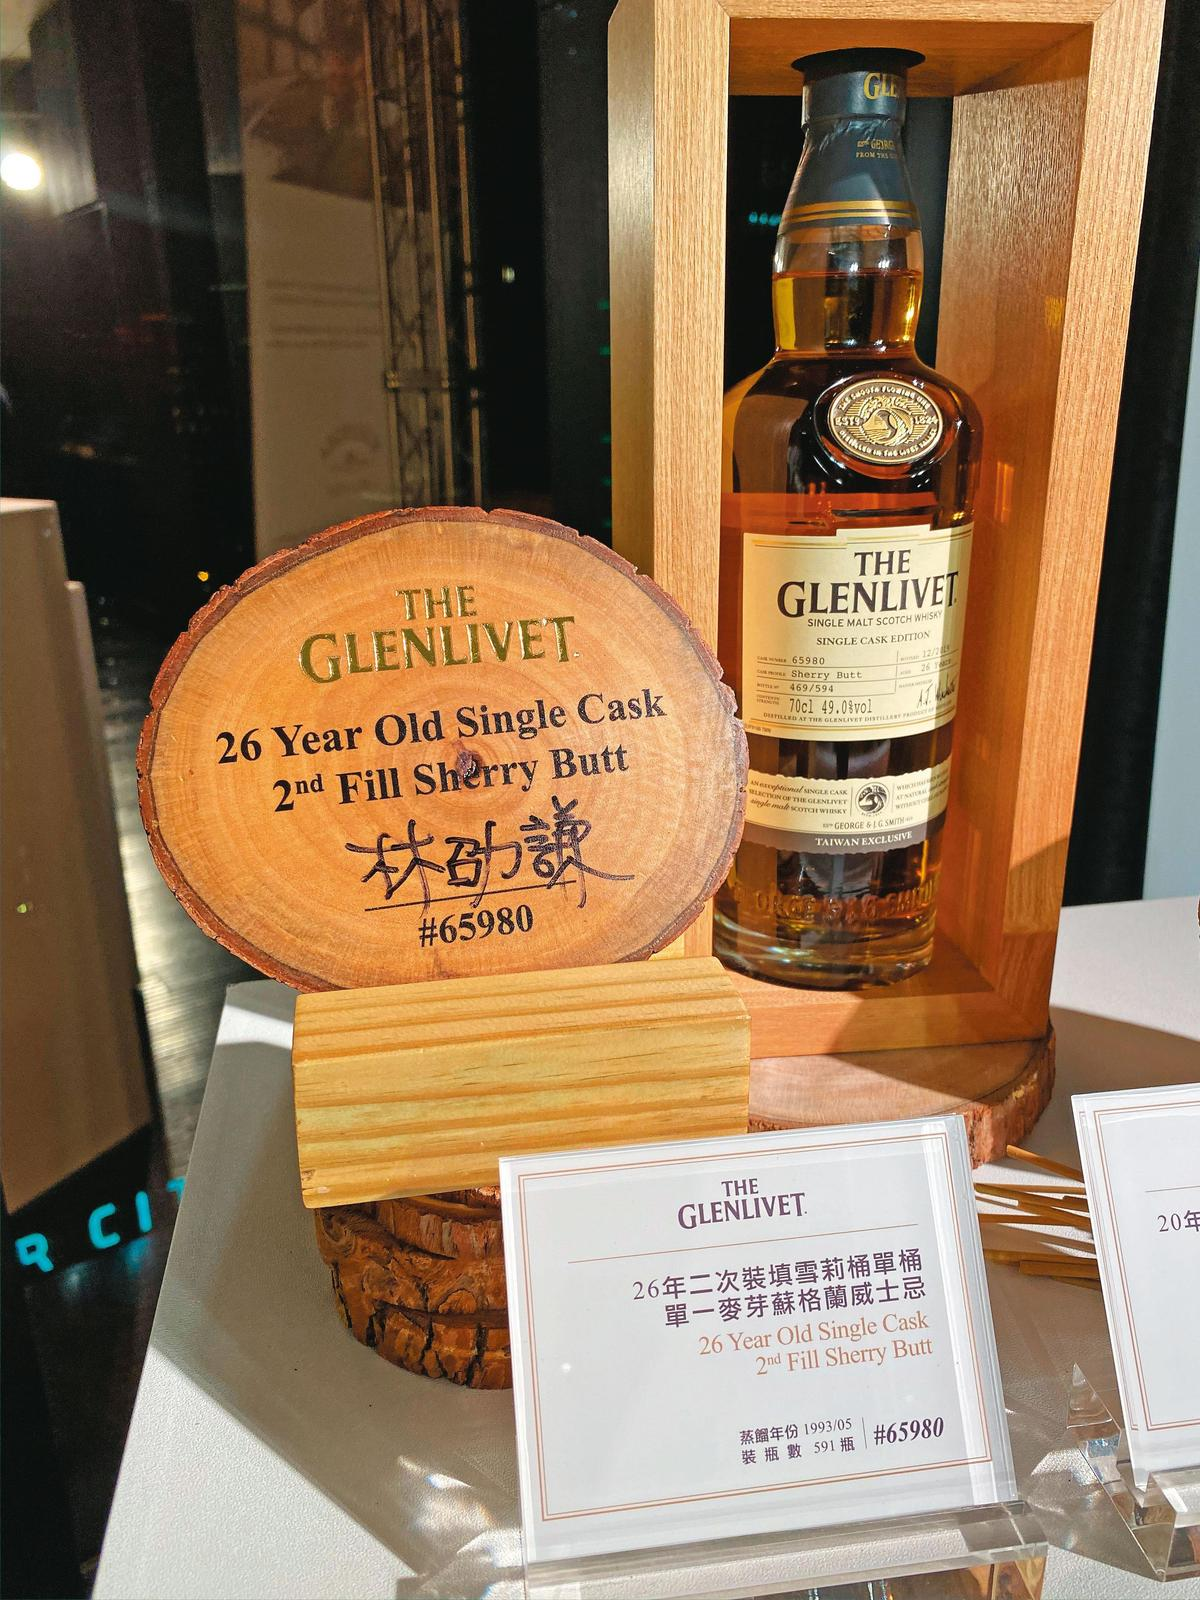 去年得主也有展示區,此為林劭謙得標的格蘭利威26年2次裝填雪莉桶單桶。